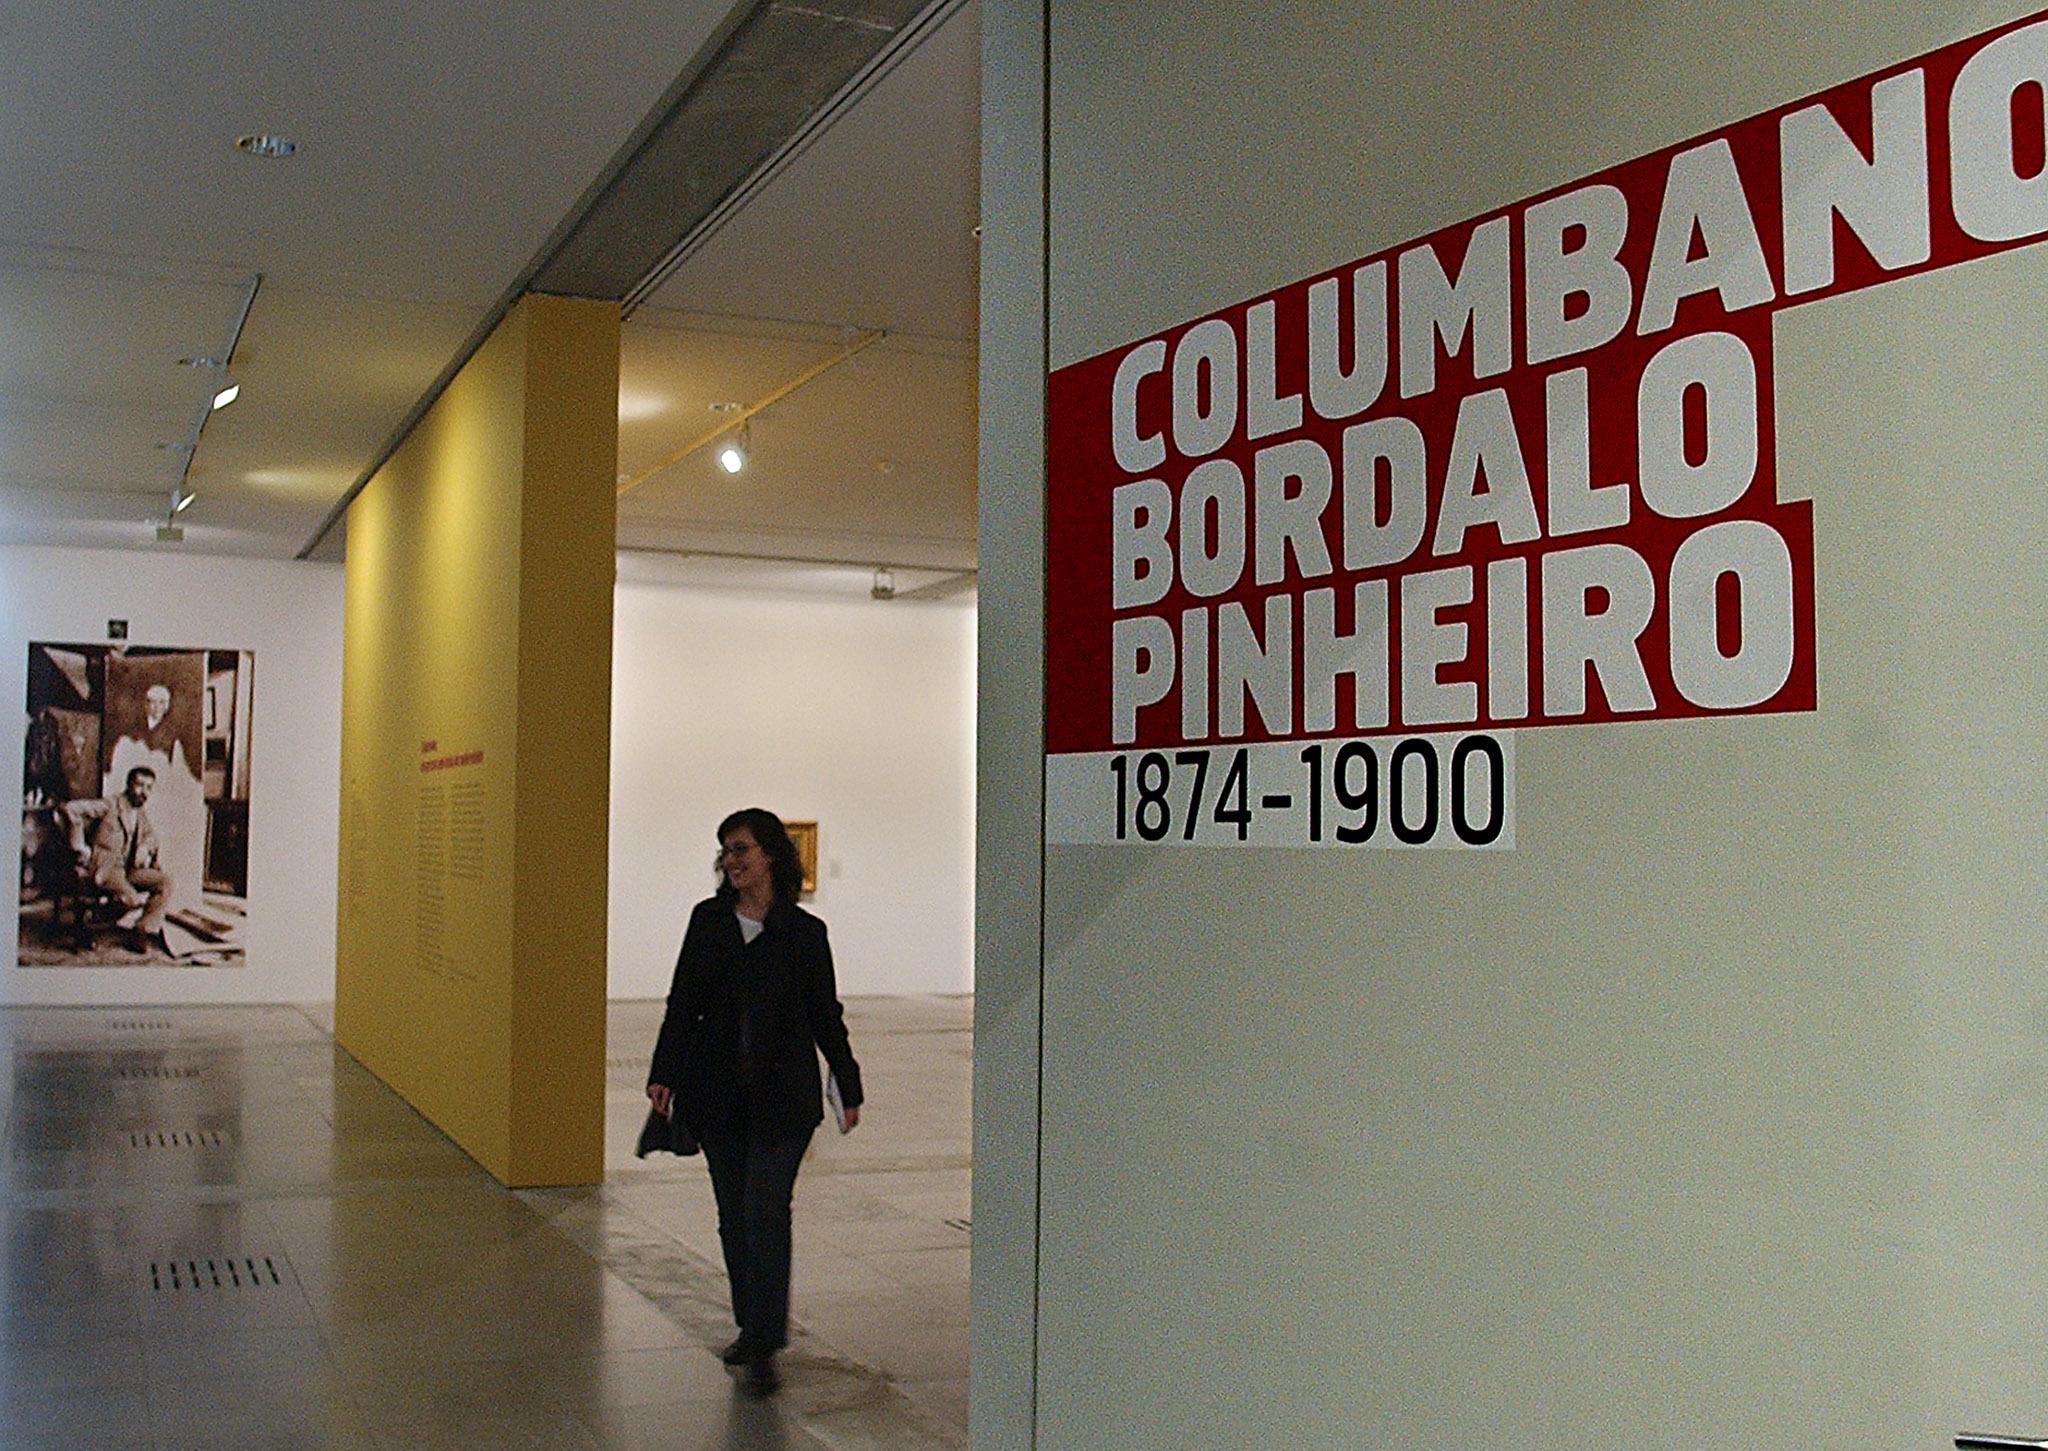 Obras de Bordalo Pinheiro e Querubim Lapa expostas em diálogo em Lisboa